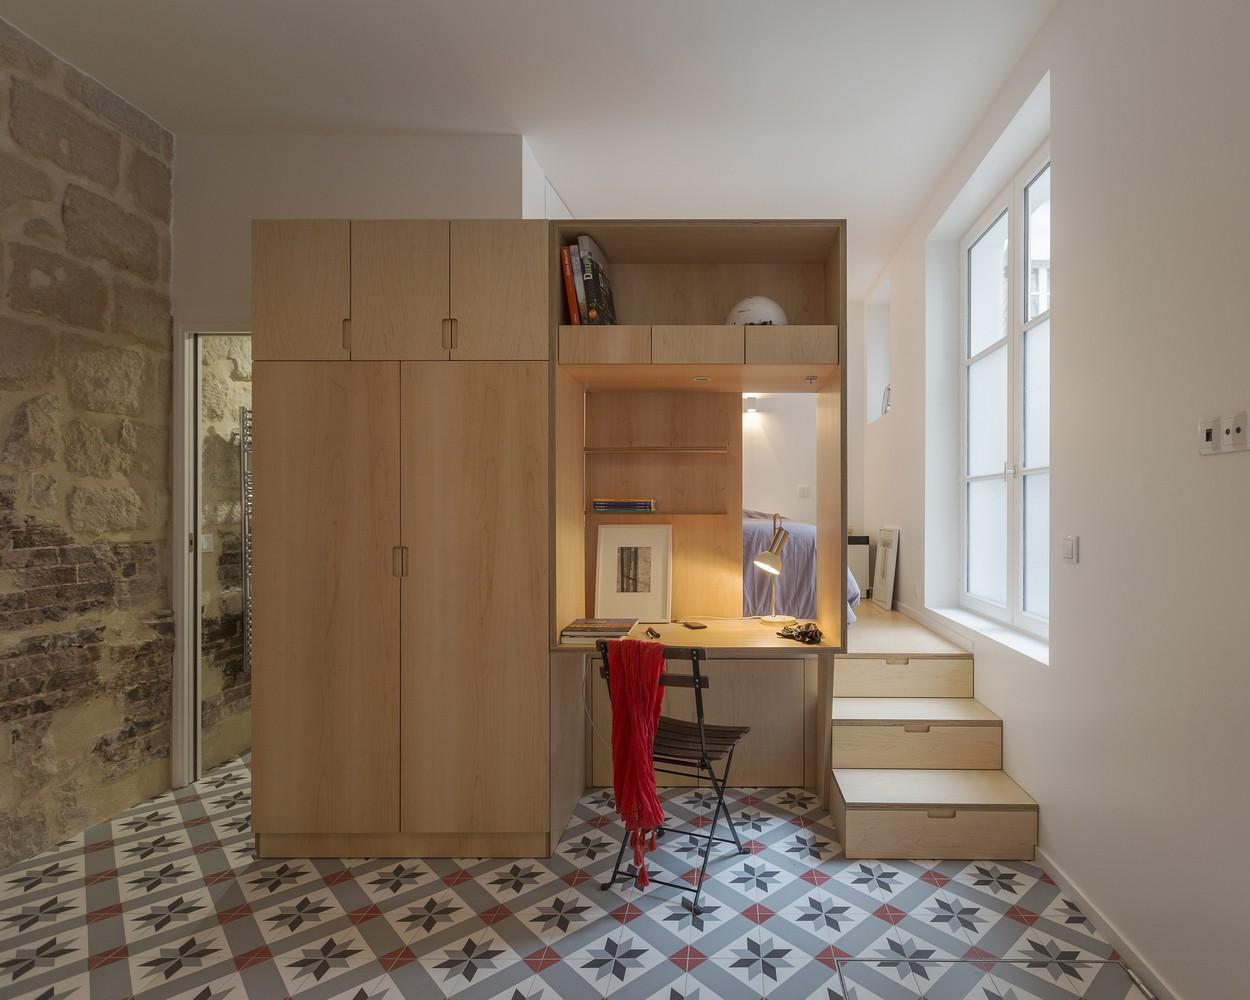 11 cách lưu trữ đồ đạc chứng minh cho bạn thấy: Ở nhà nhỏ không đáng sợ, đáng sợ là không nghĩ ra cách cất đồ mà thôi! - Ảnh 2.